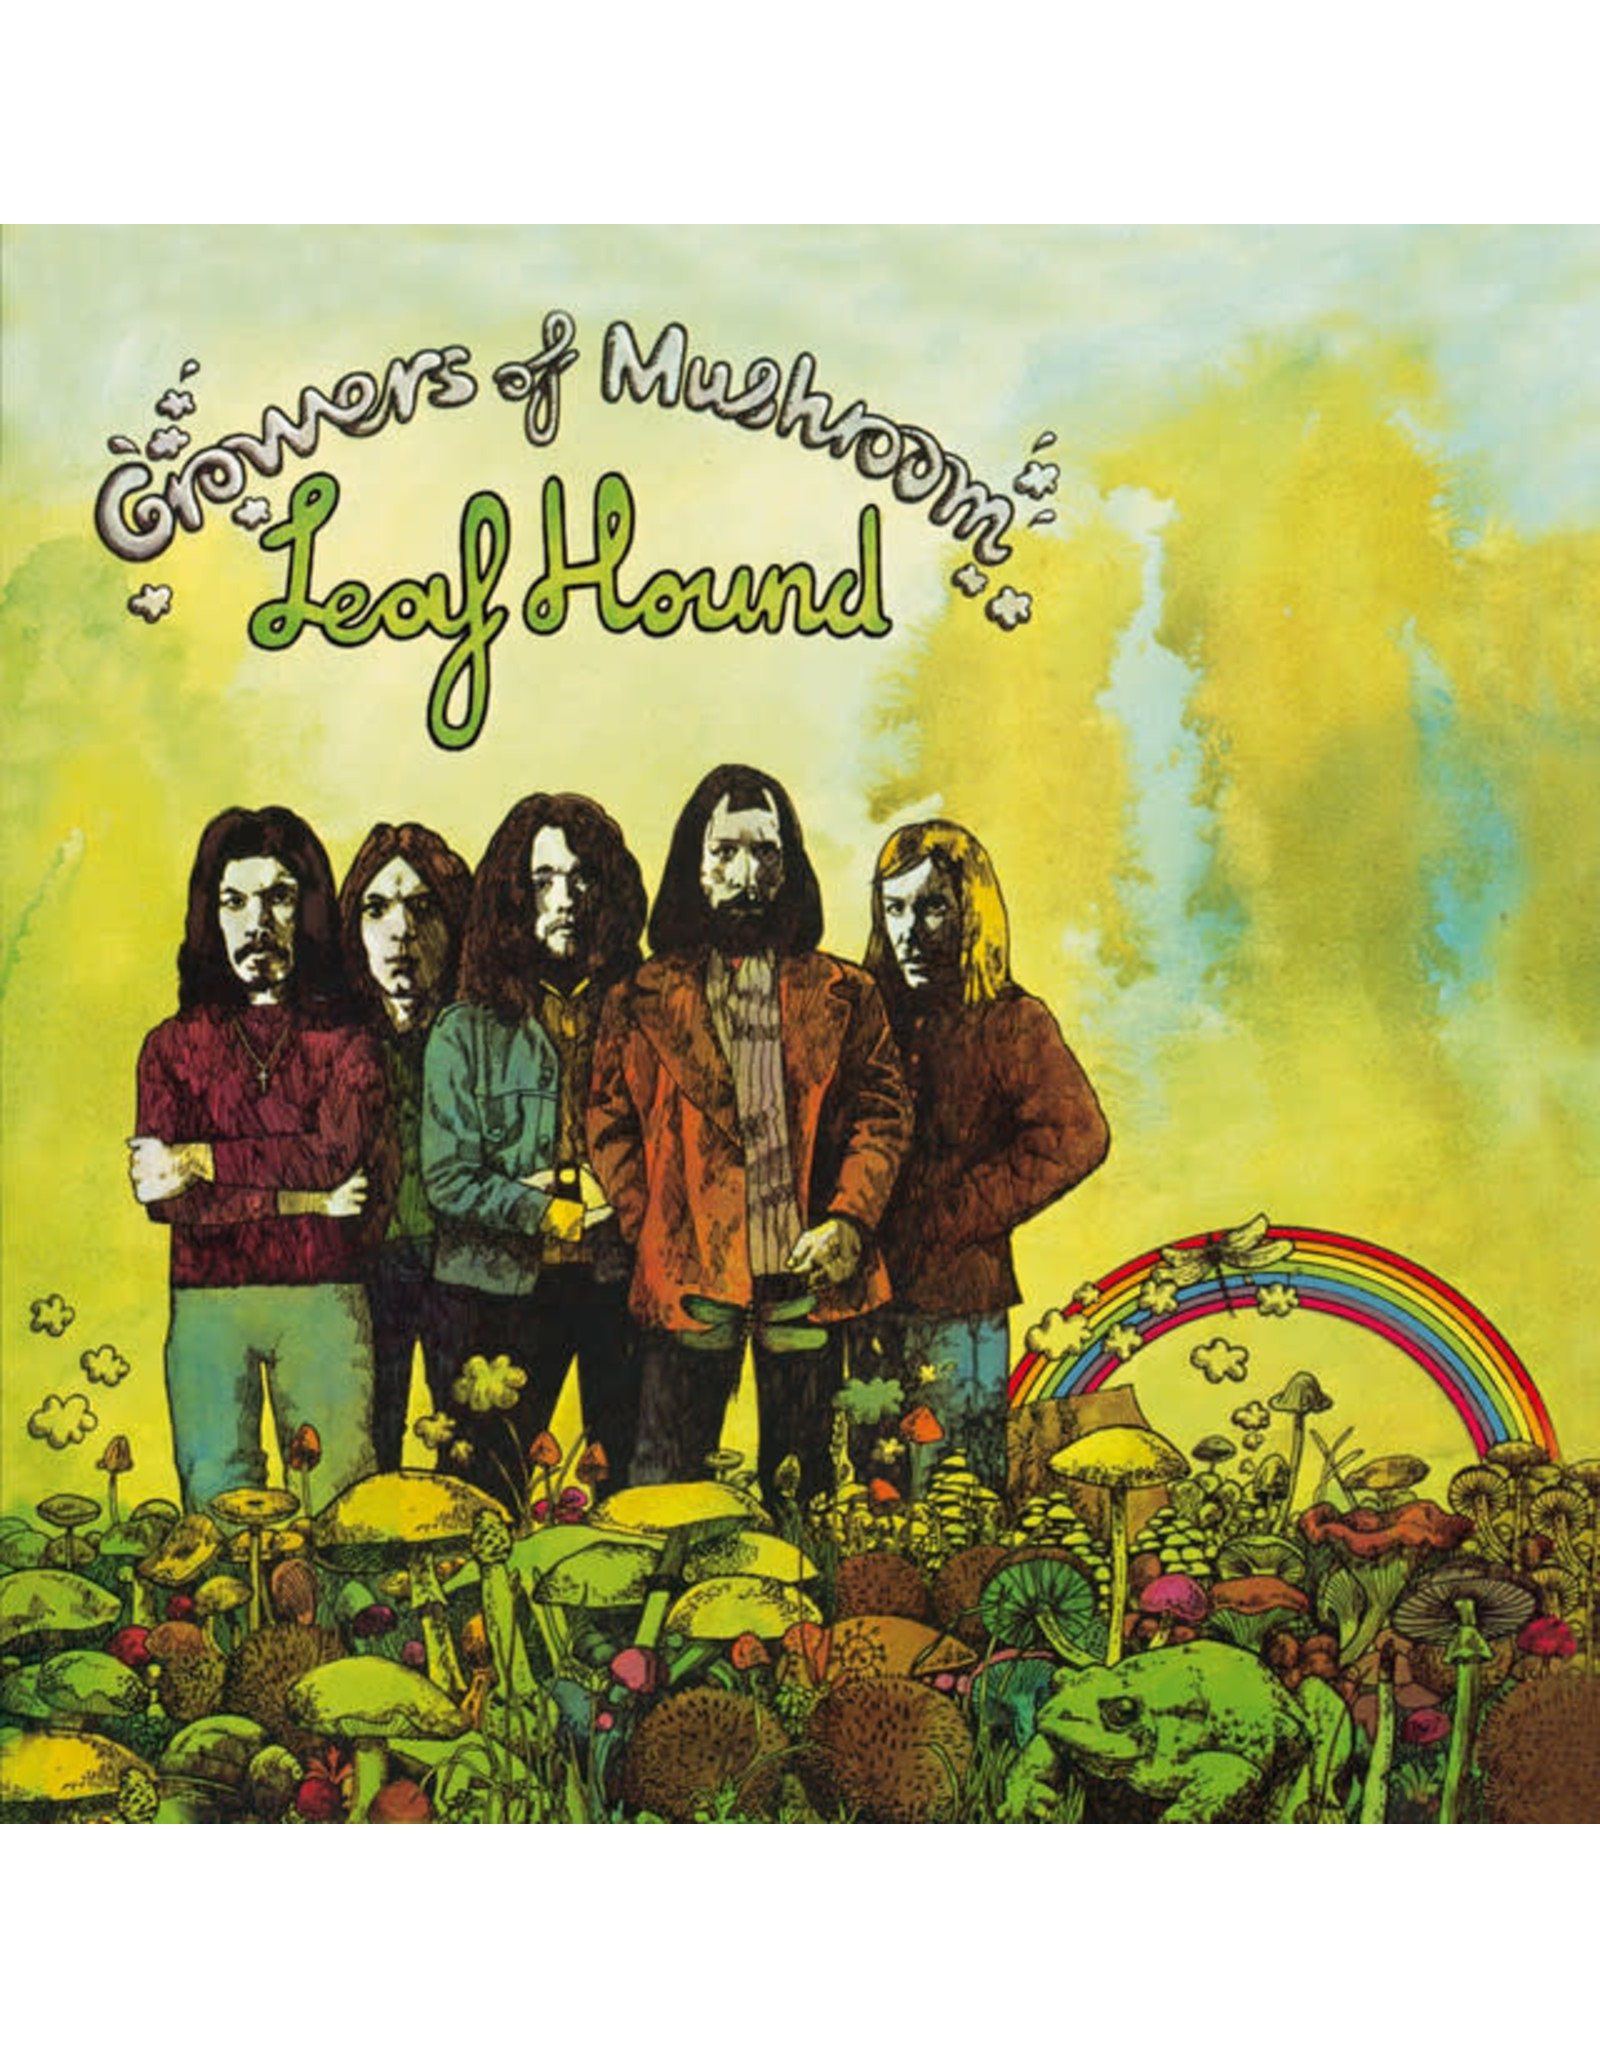 Vinyl Leaf Hound - Growers of Mushroom